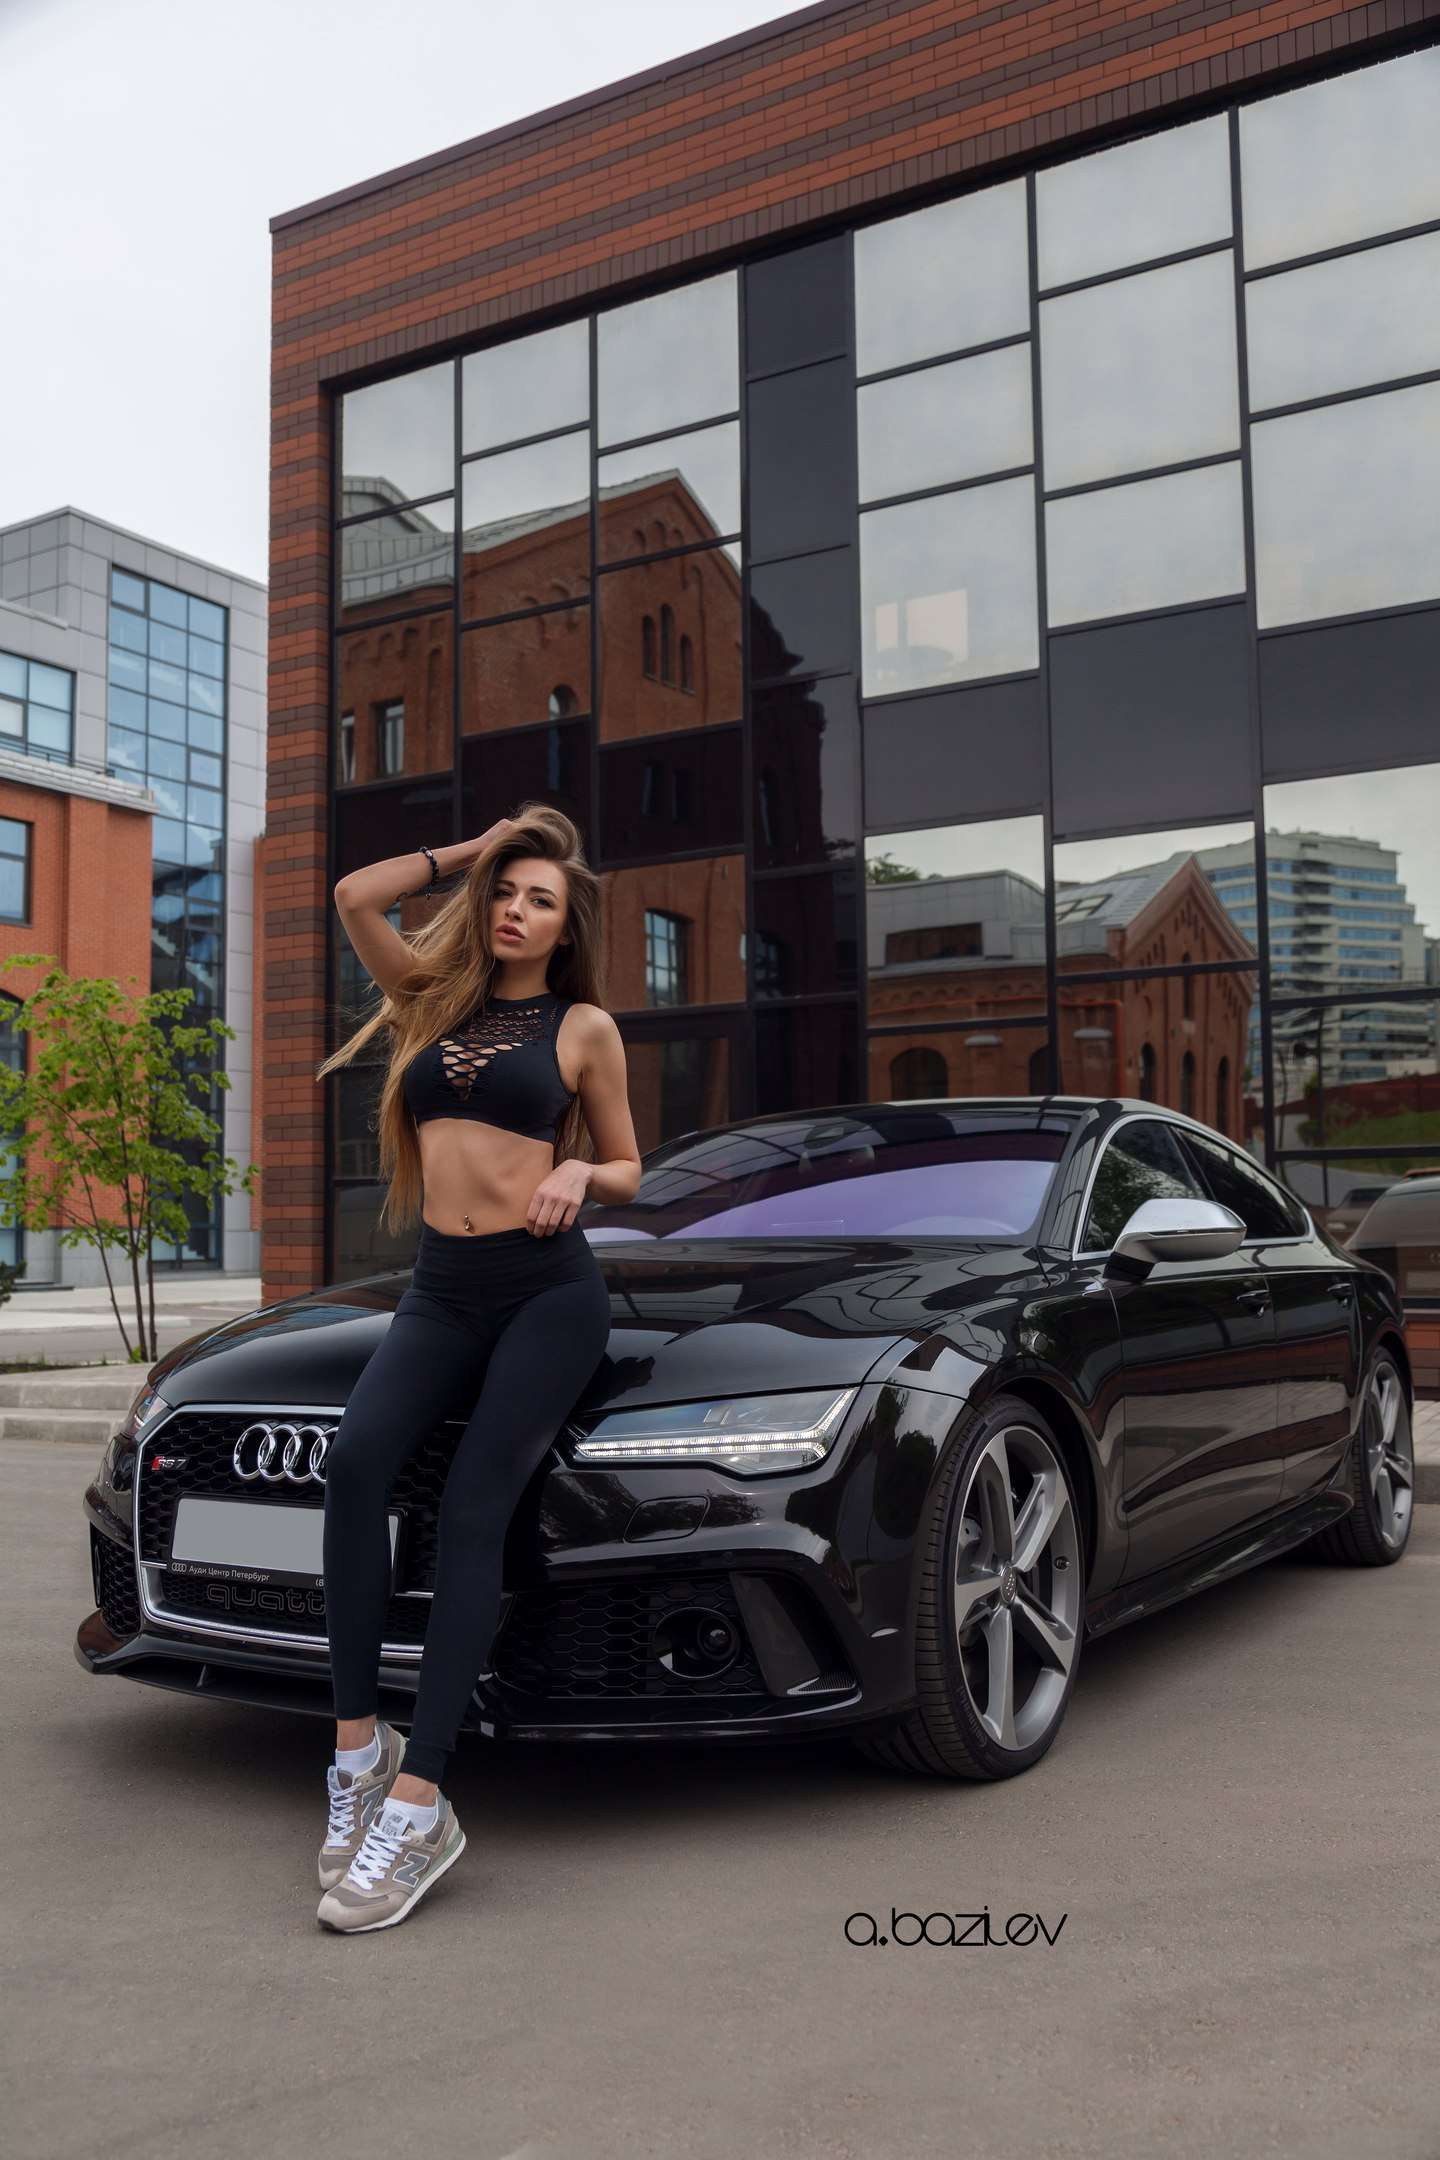 V9obGDNdtYM - Сексуальные девушки и автомобили (часть 10)